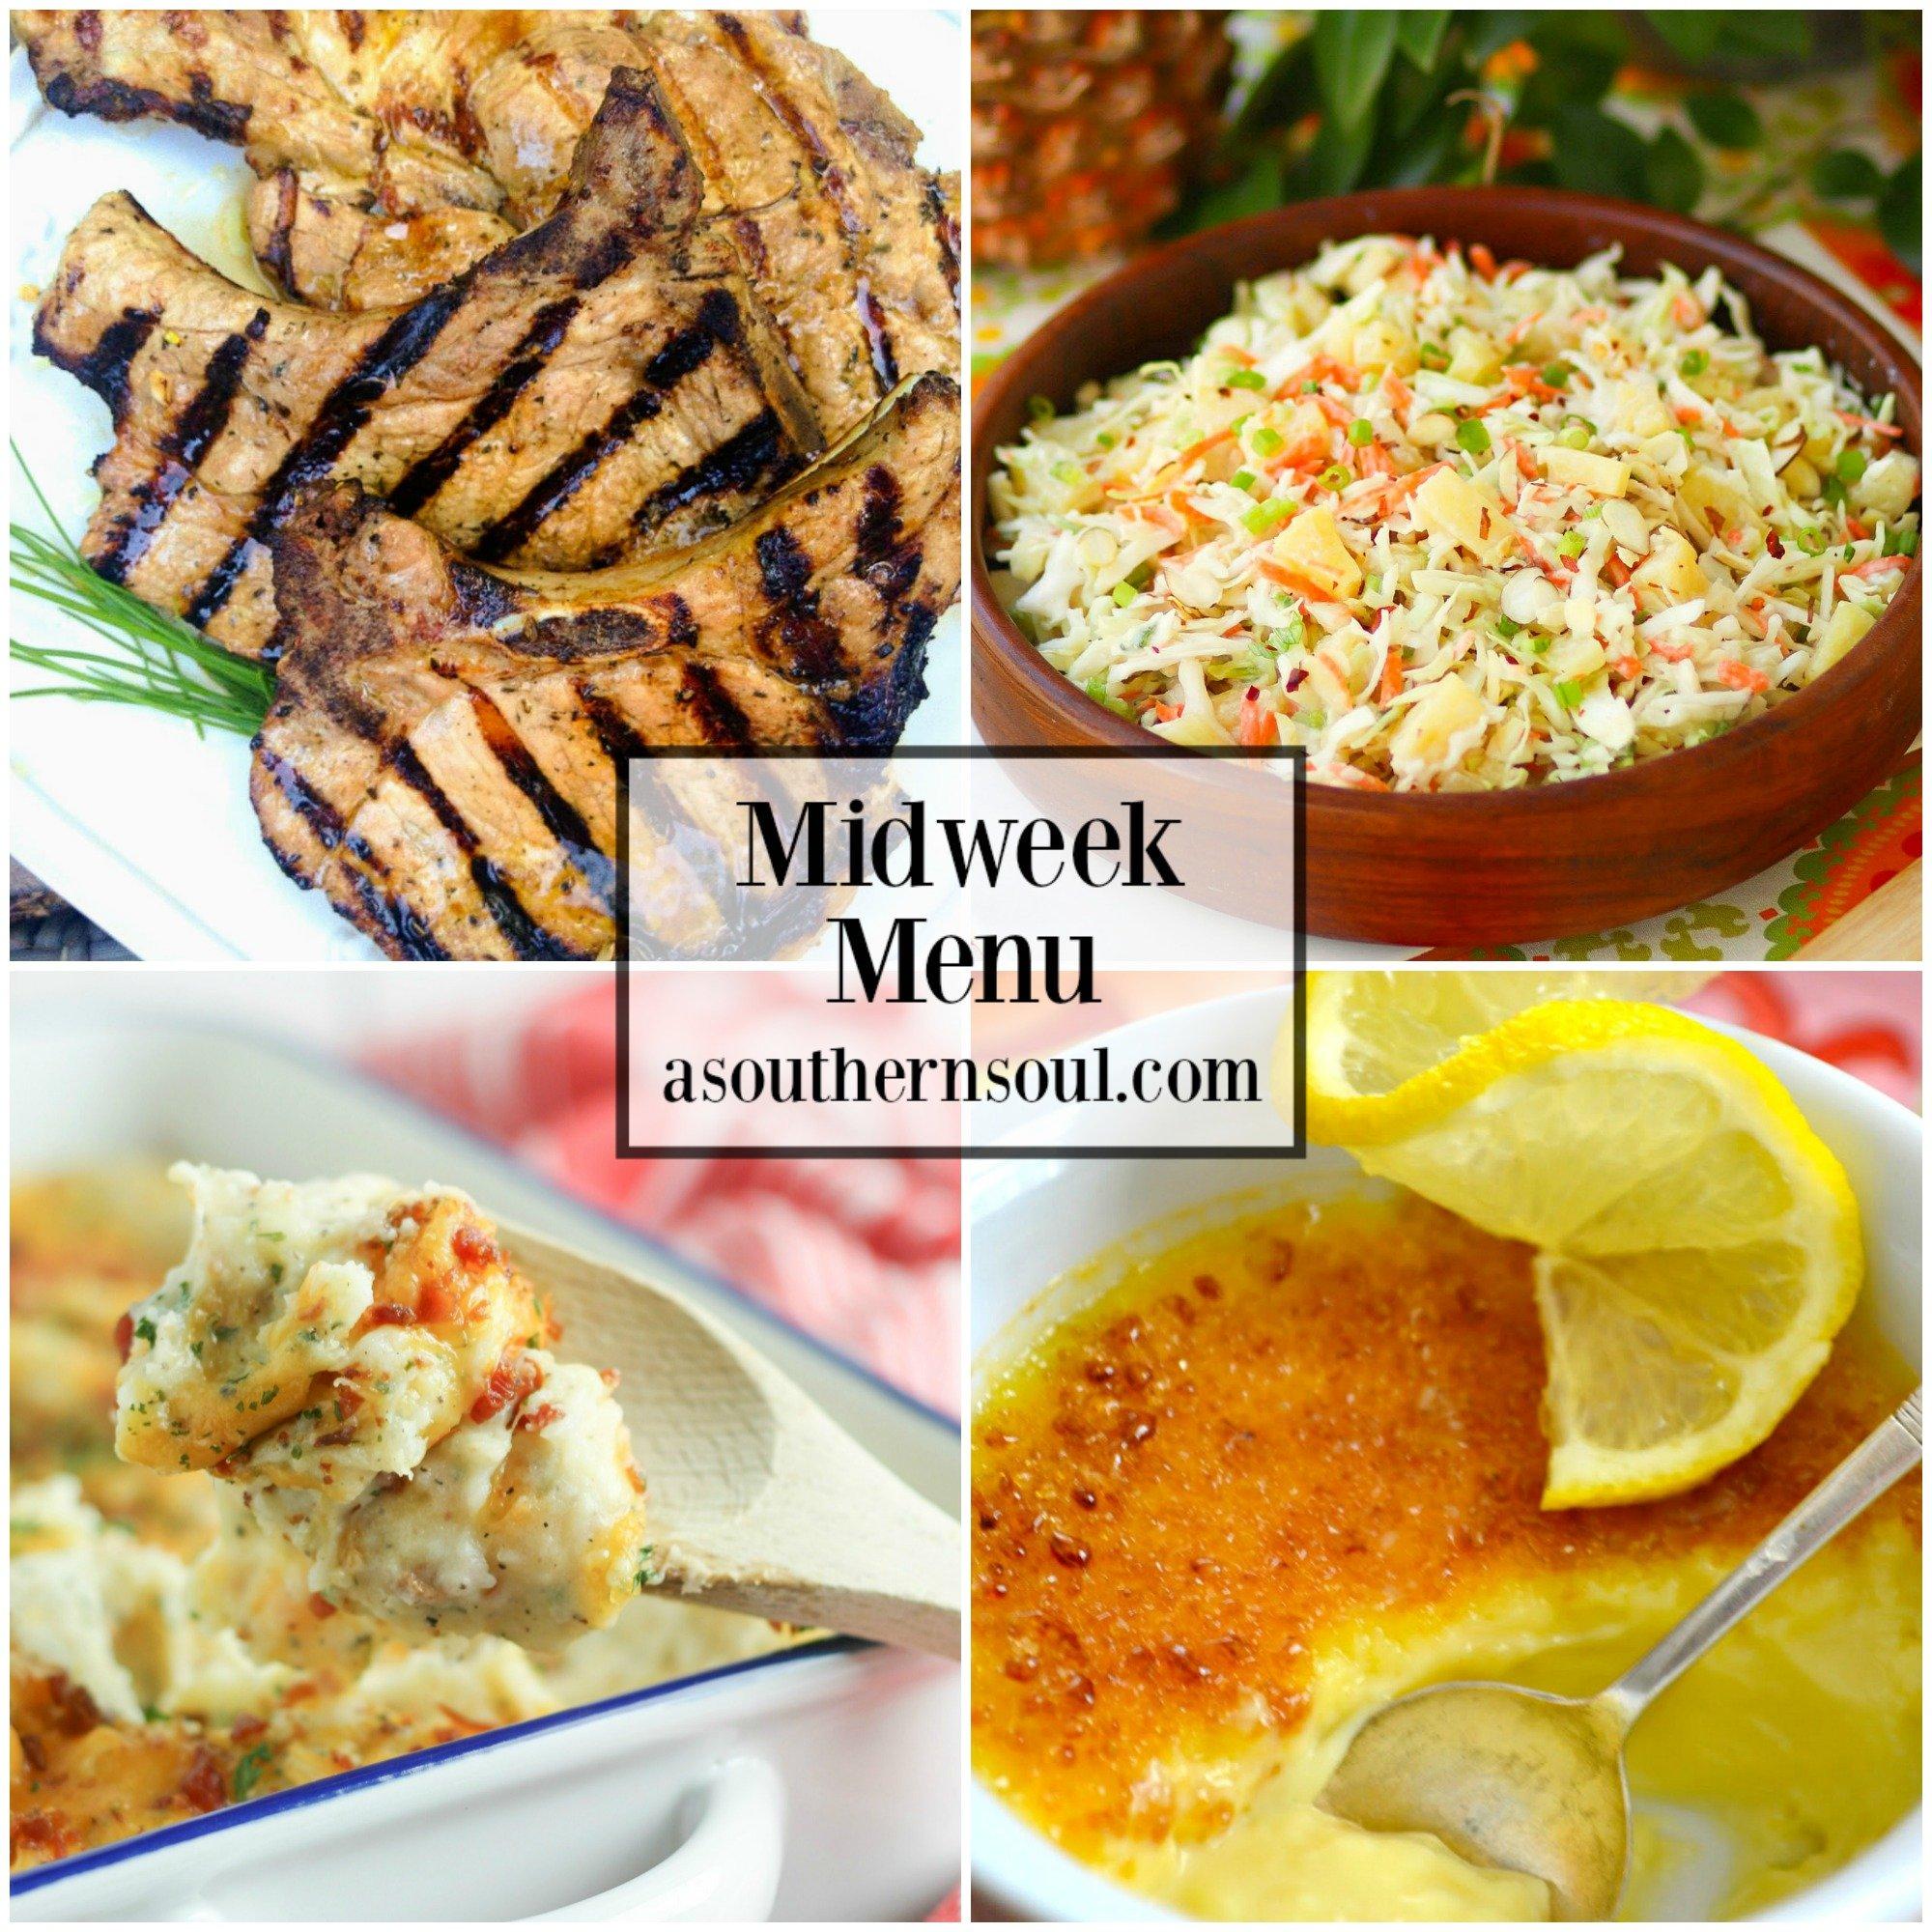 Midweek Menu #44 - Marinated Grilled Pork Chops